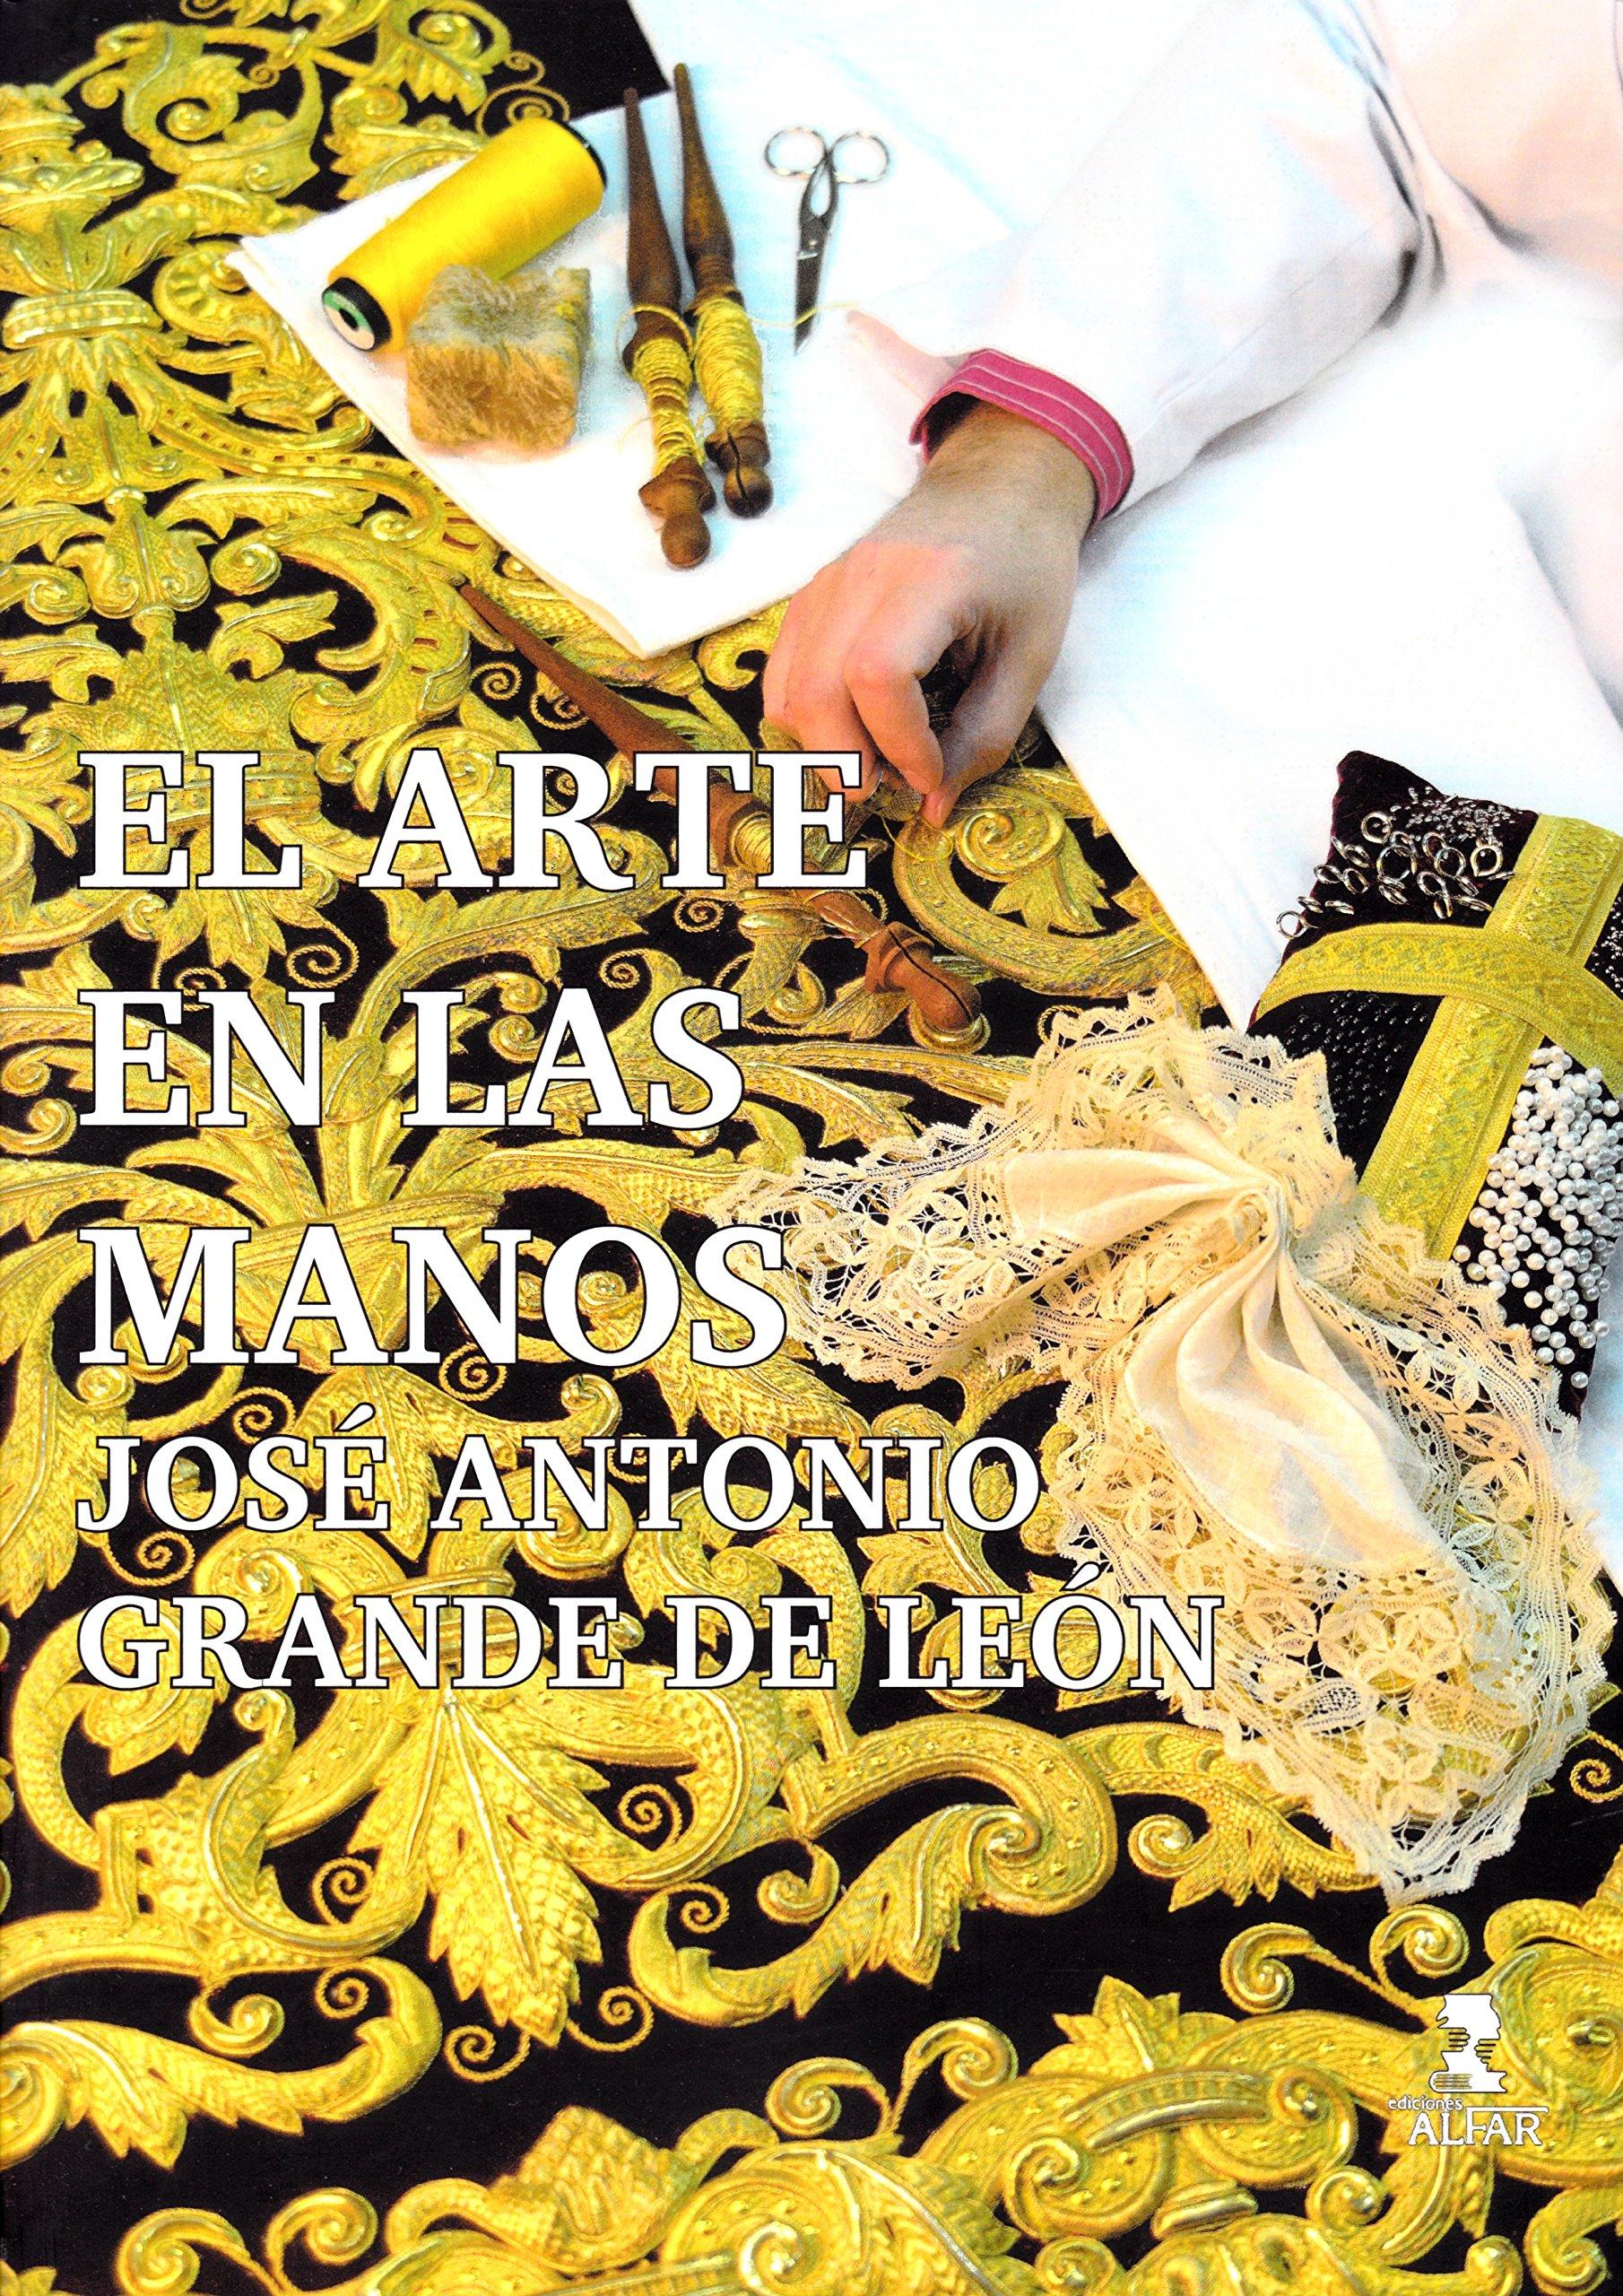 José Antonio Grande de León,El Semana Santa: Amazon.es: Aavv: Libros